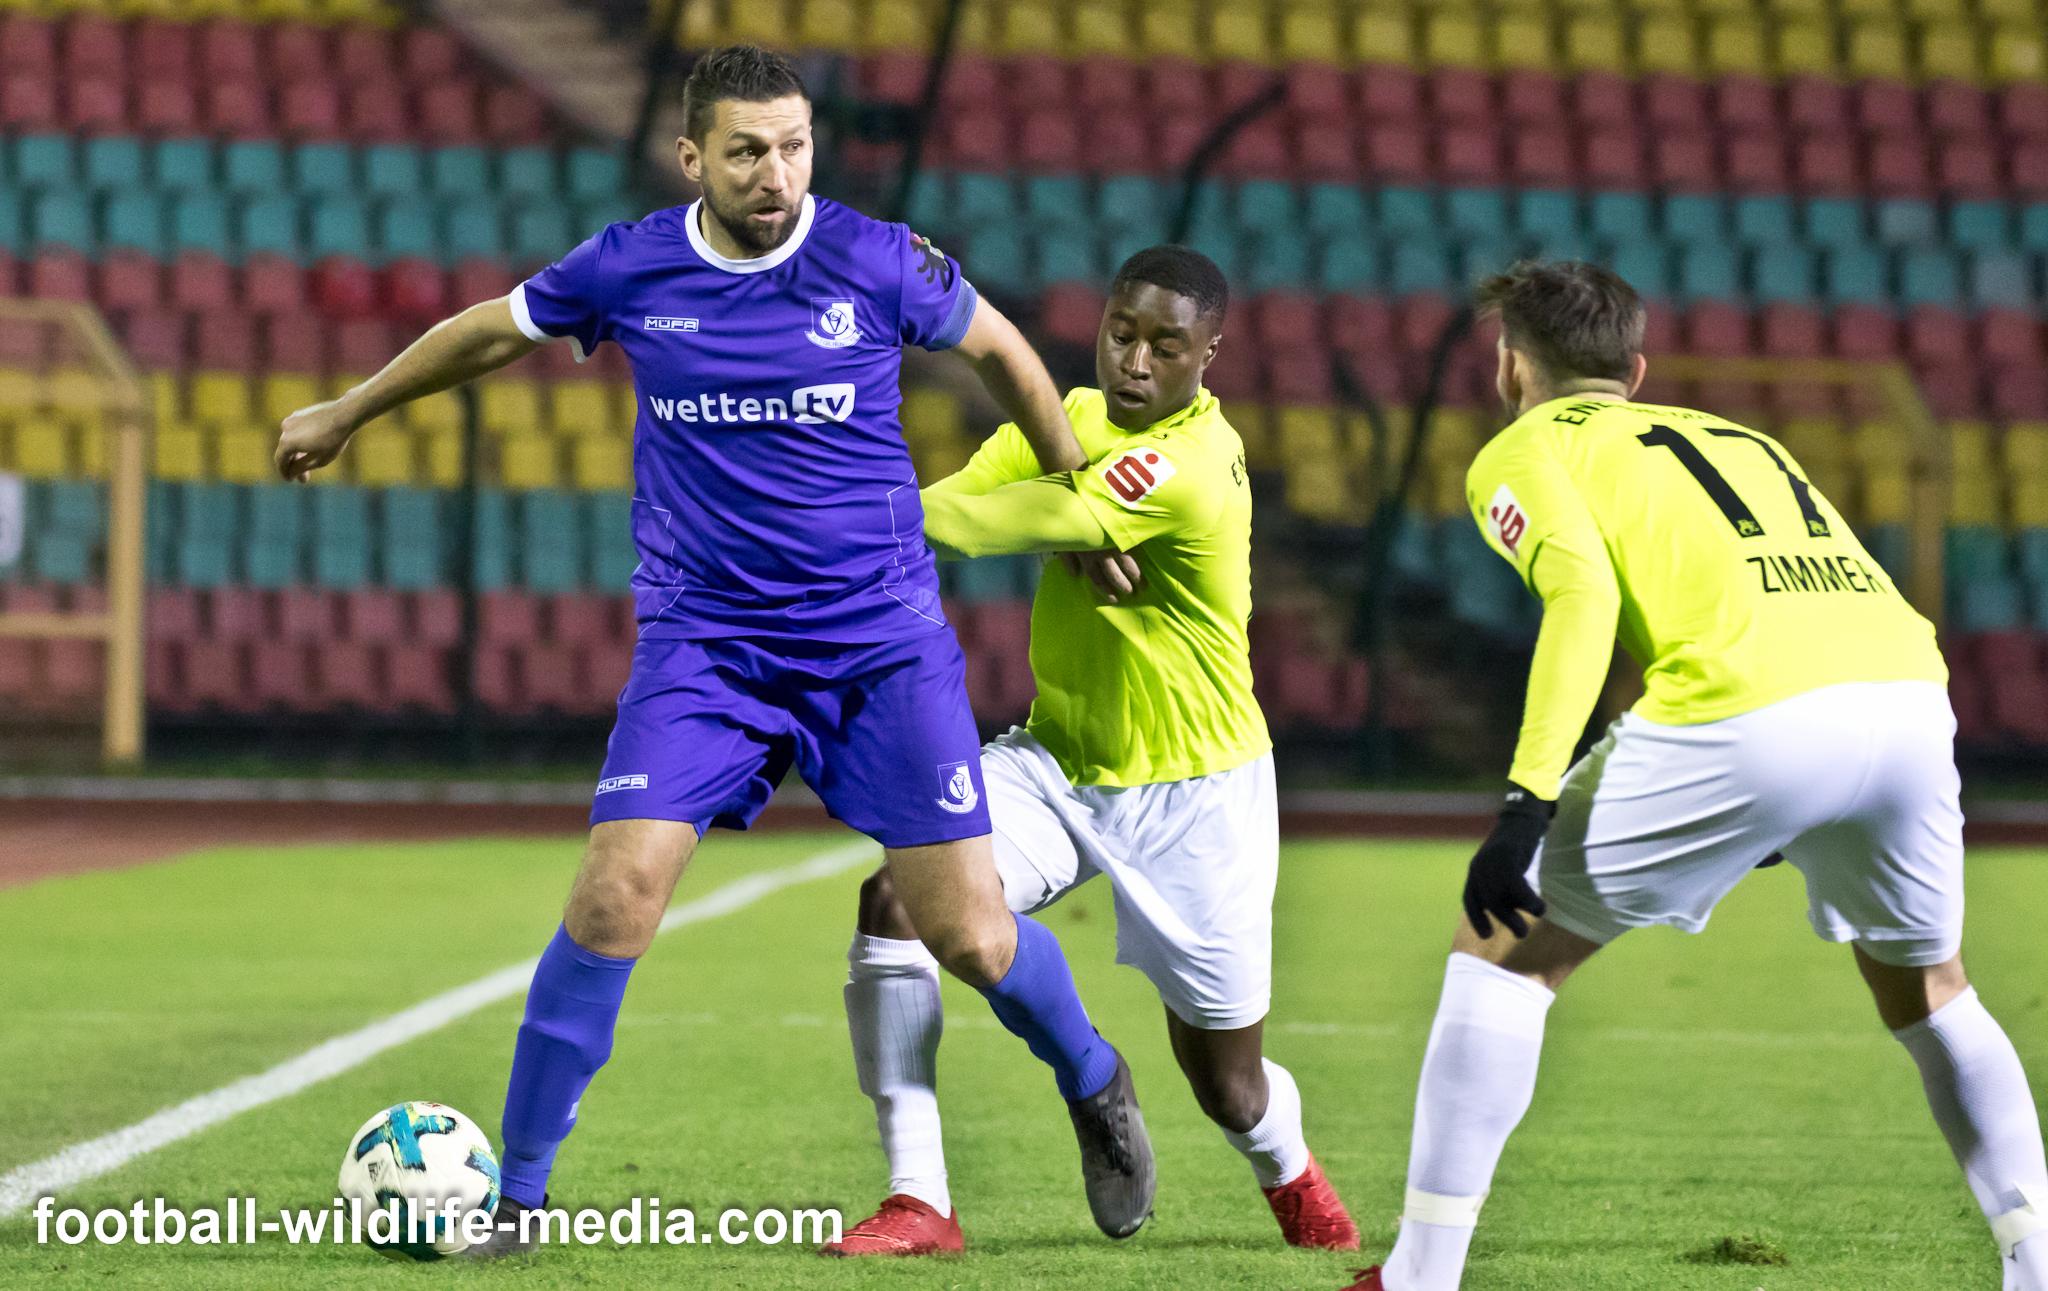 Mattuschka fights for the ball